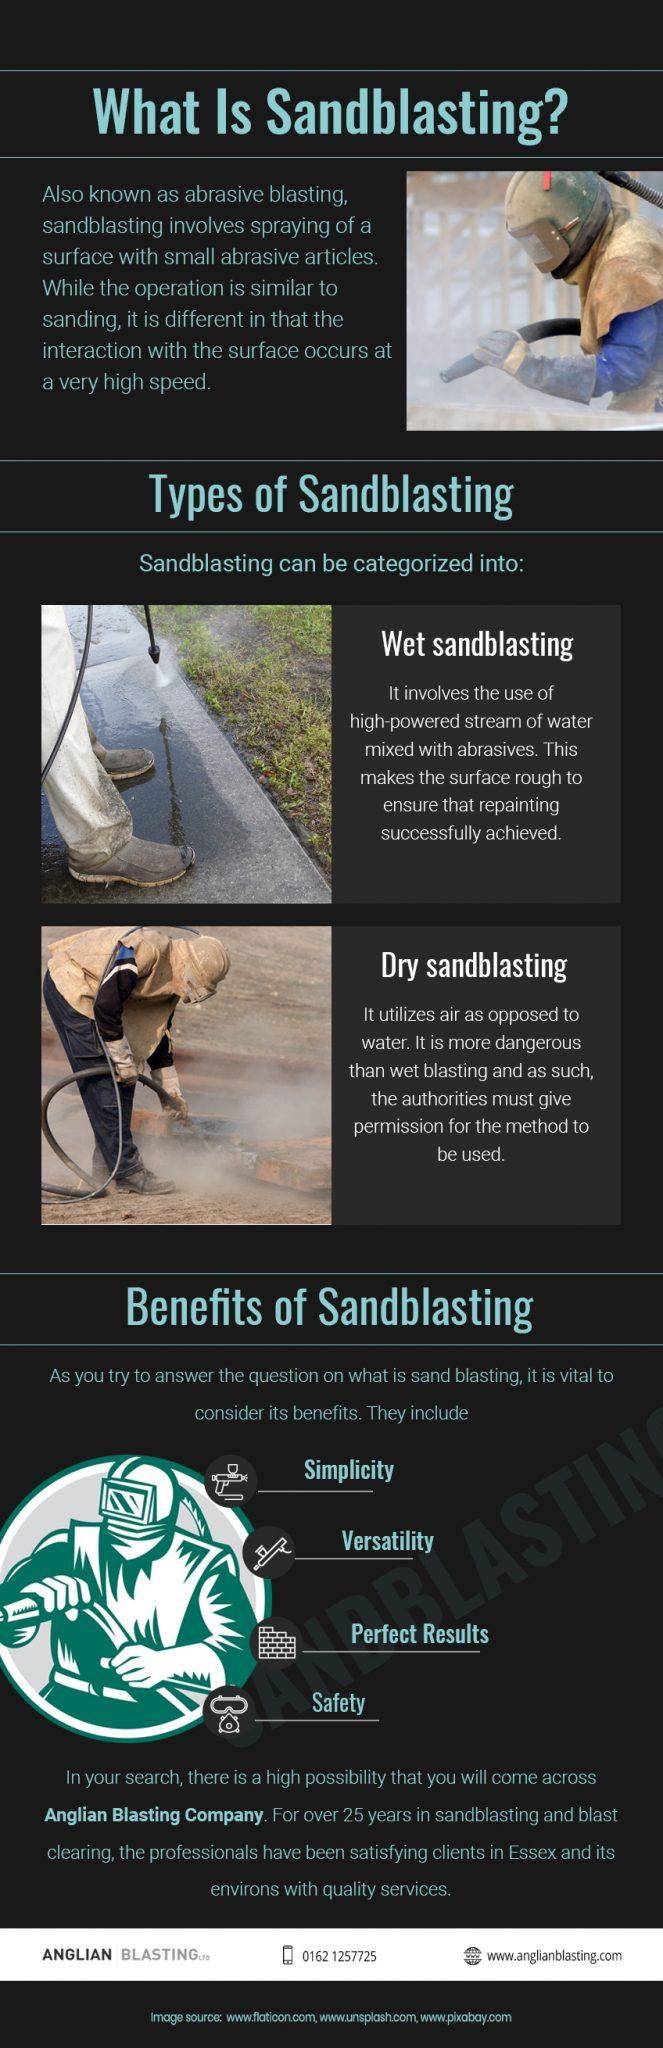 whatissandblasting infographic